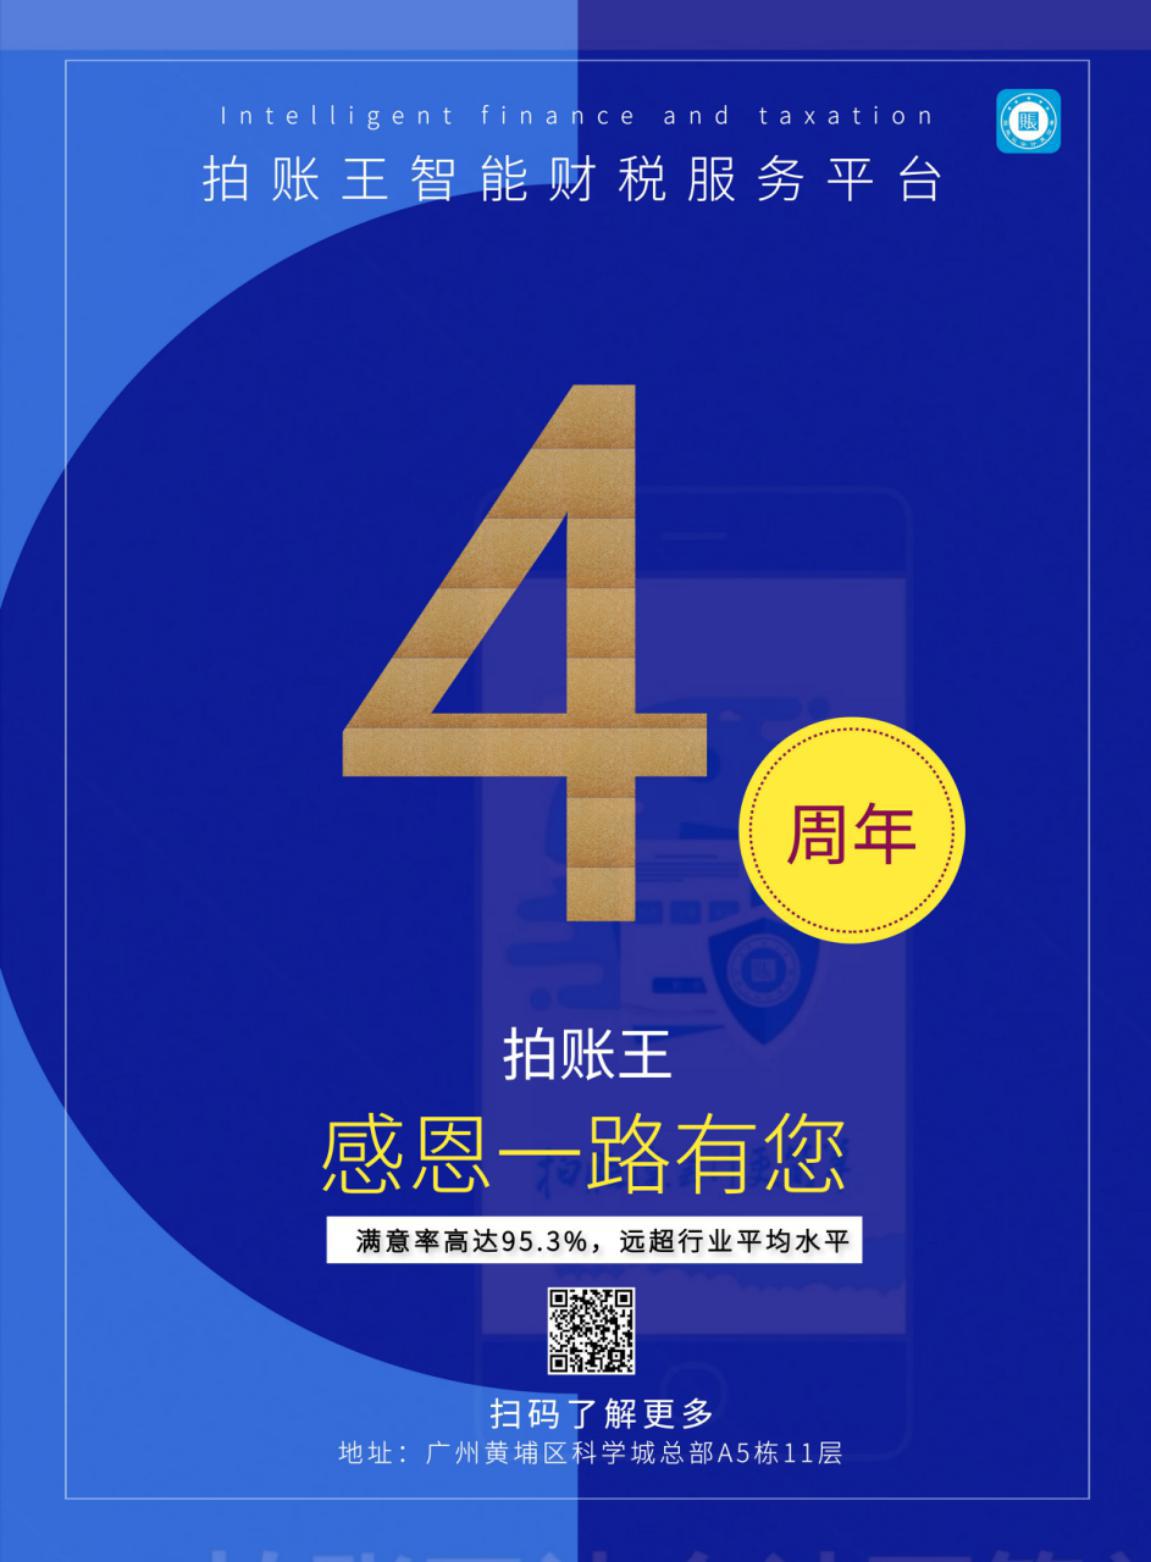 拍账王:砥砺四载不忘初心,引领互联网财税行业创新升级!